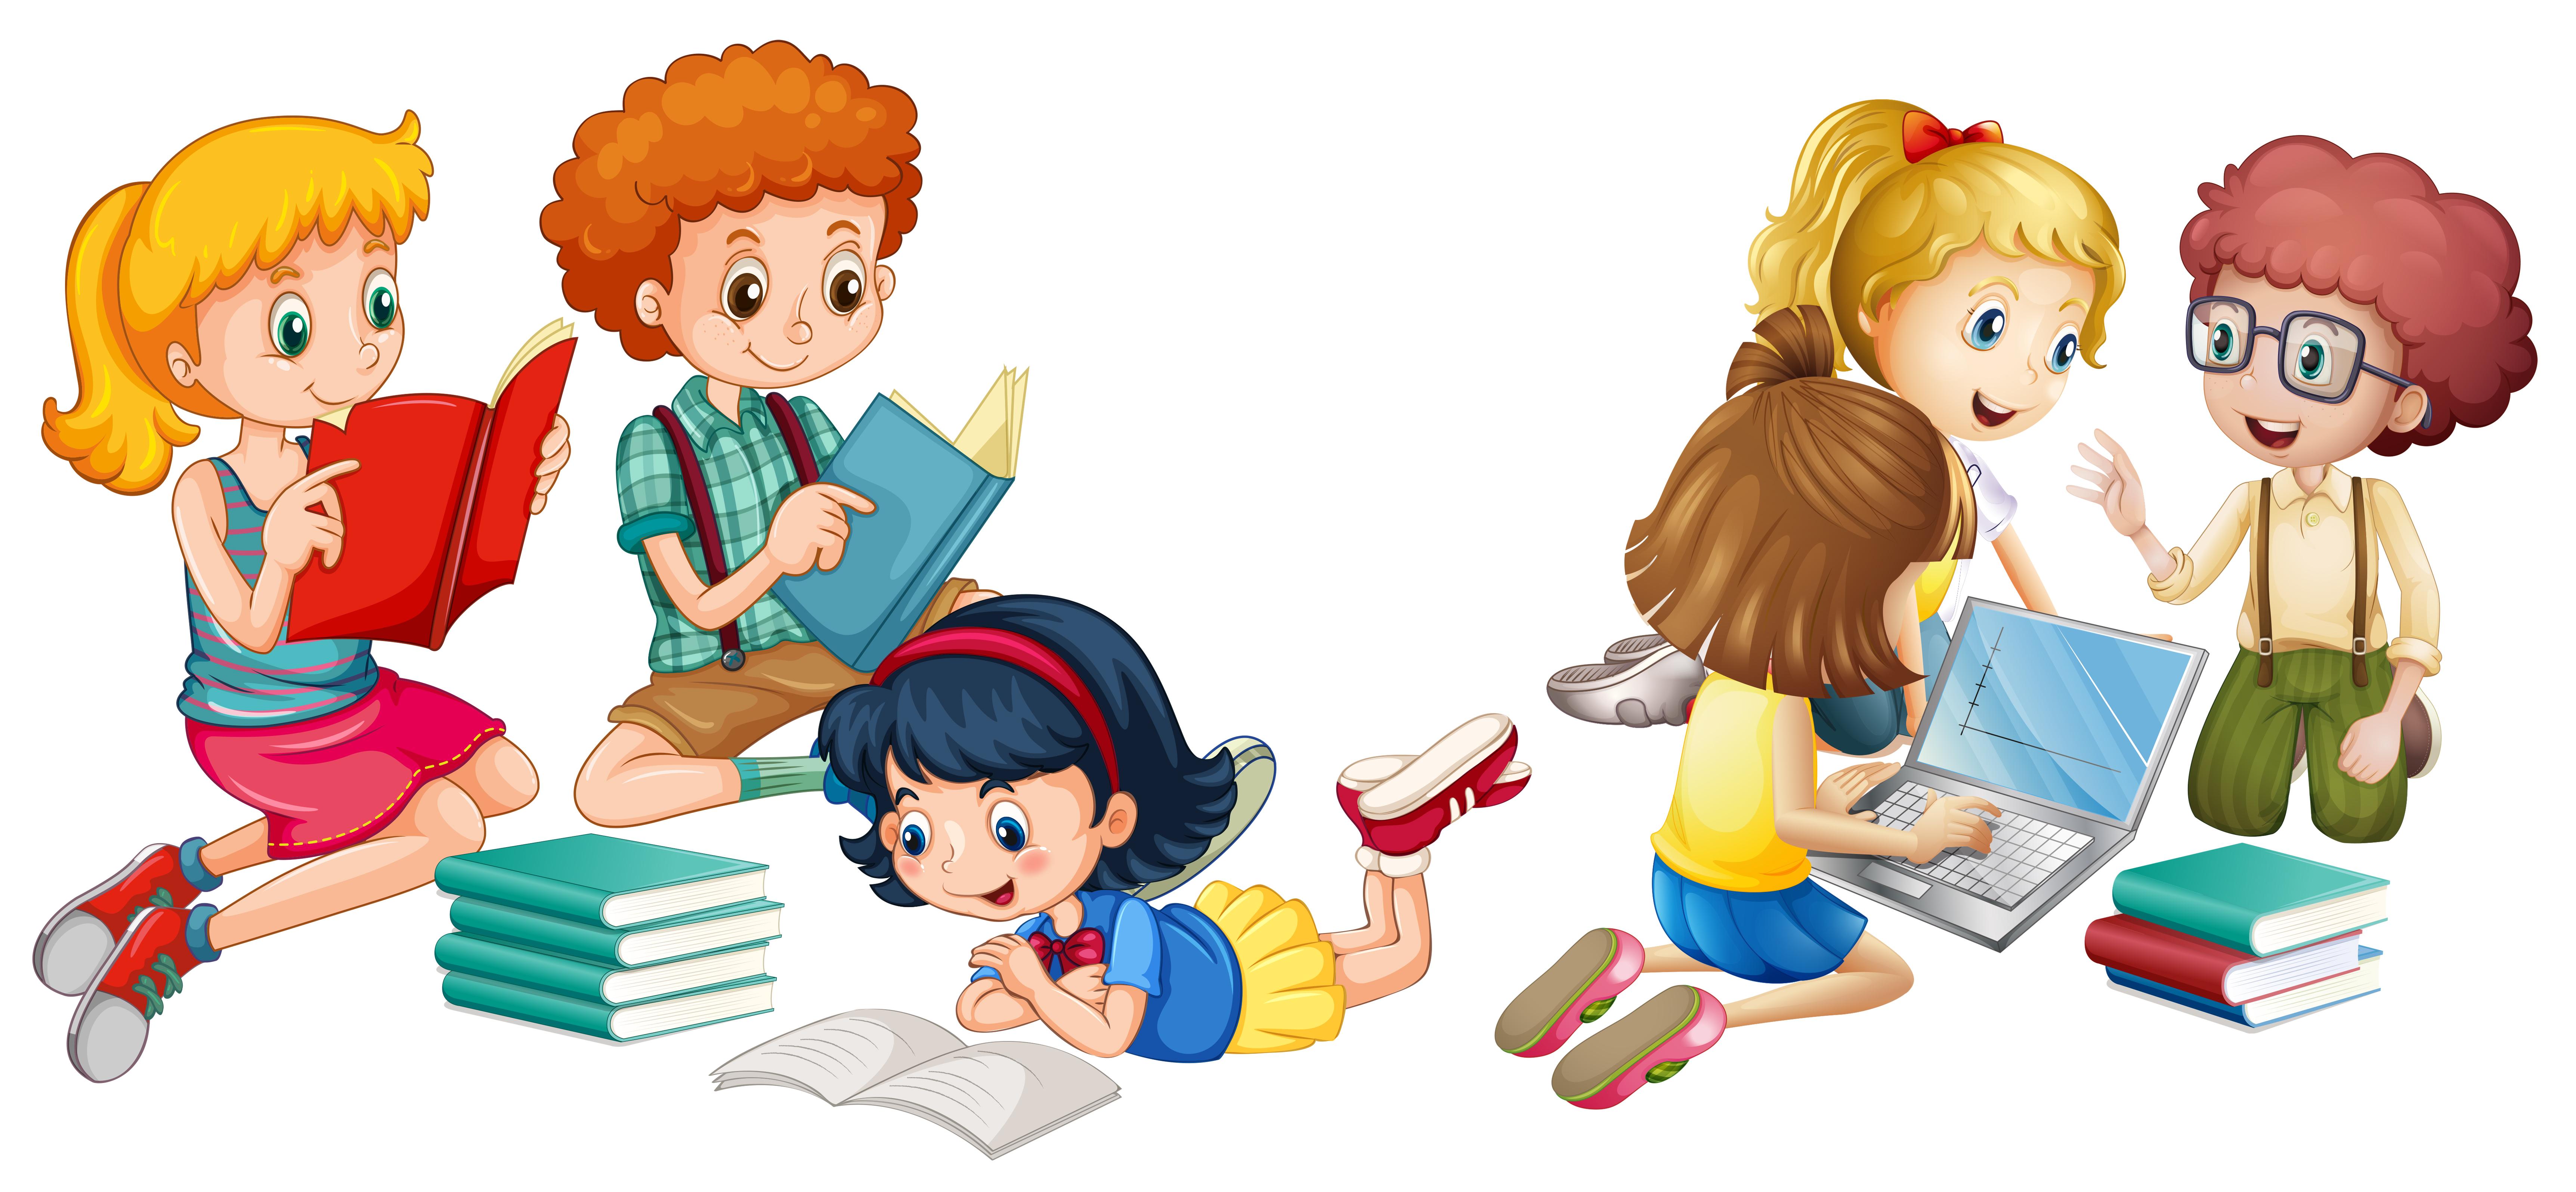 Przekonaj swoje dziecko do czytania po angielsku!